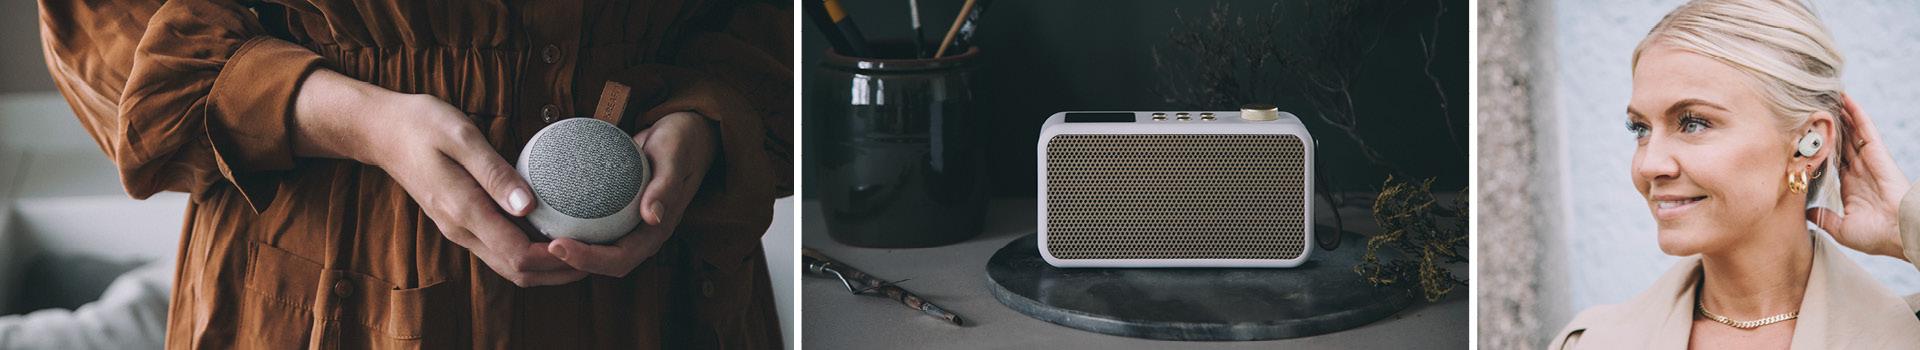 Kreafunk-Care-Kollektion-bluetooth-speakers-høyttalere-power-banks-d.jpg